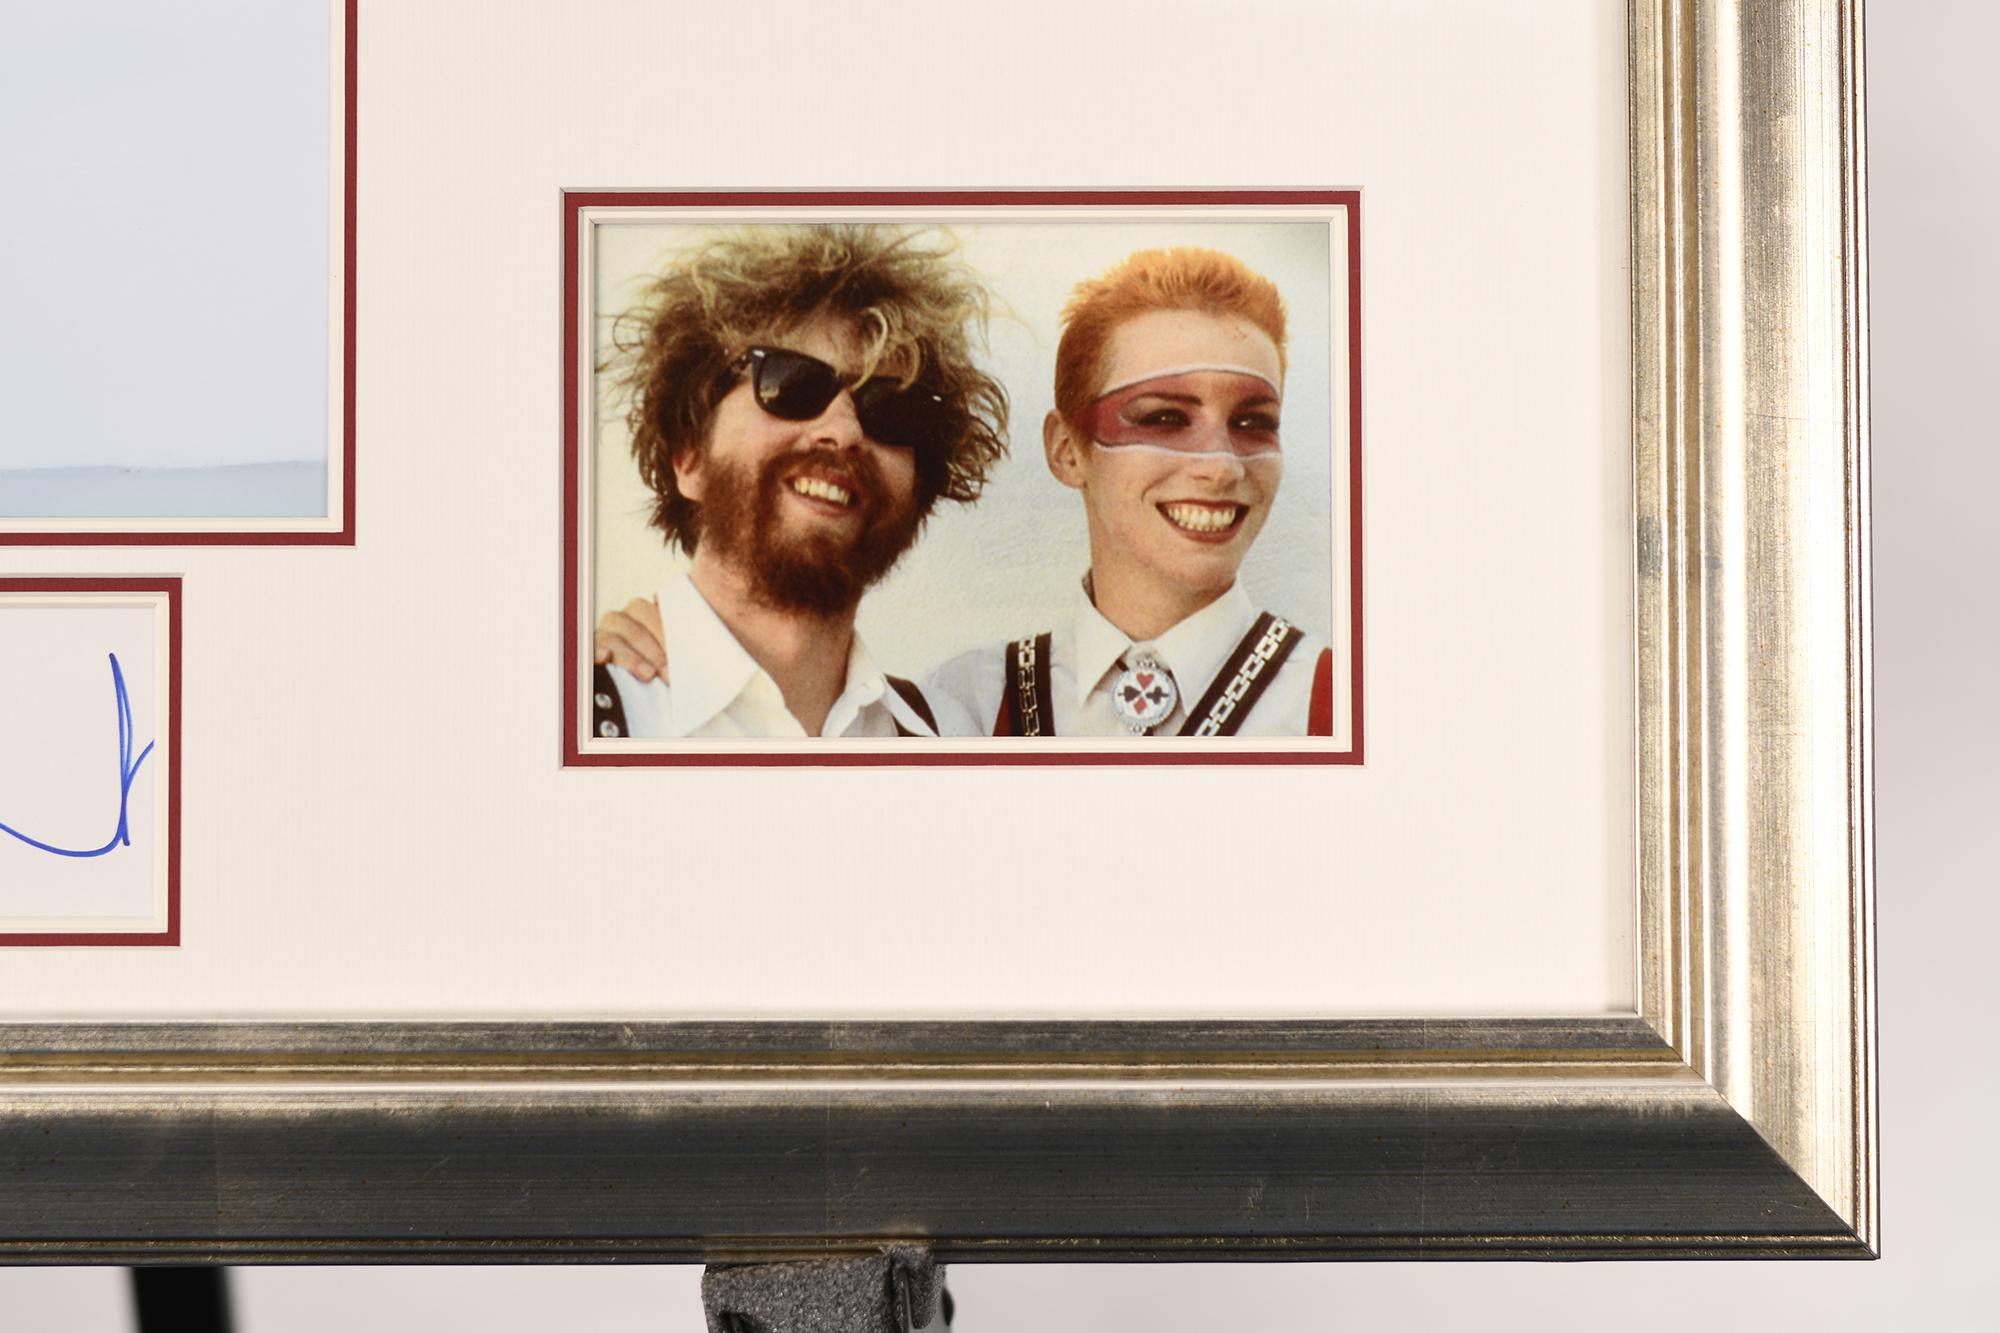 Dave Stewart Framed Signature Presentation - Image 3 of 4